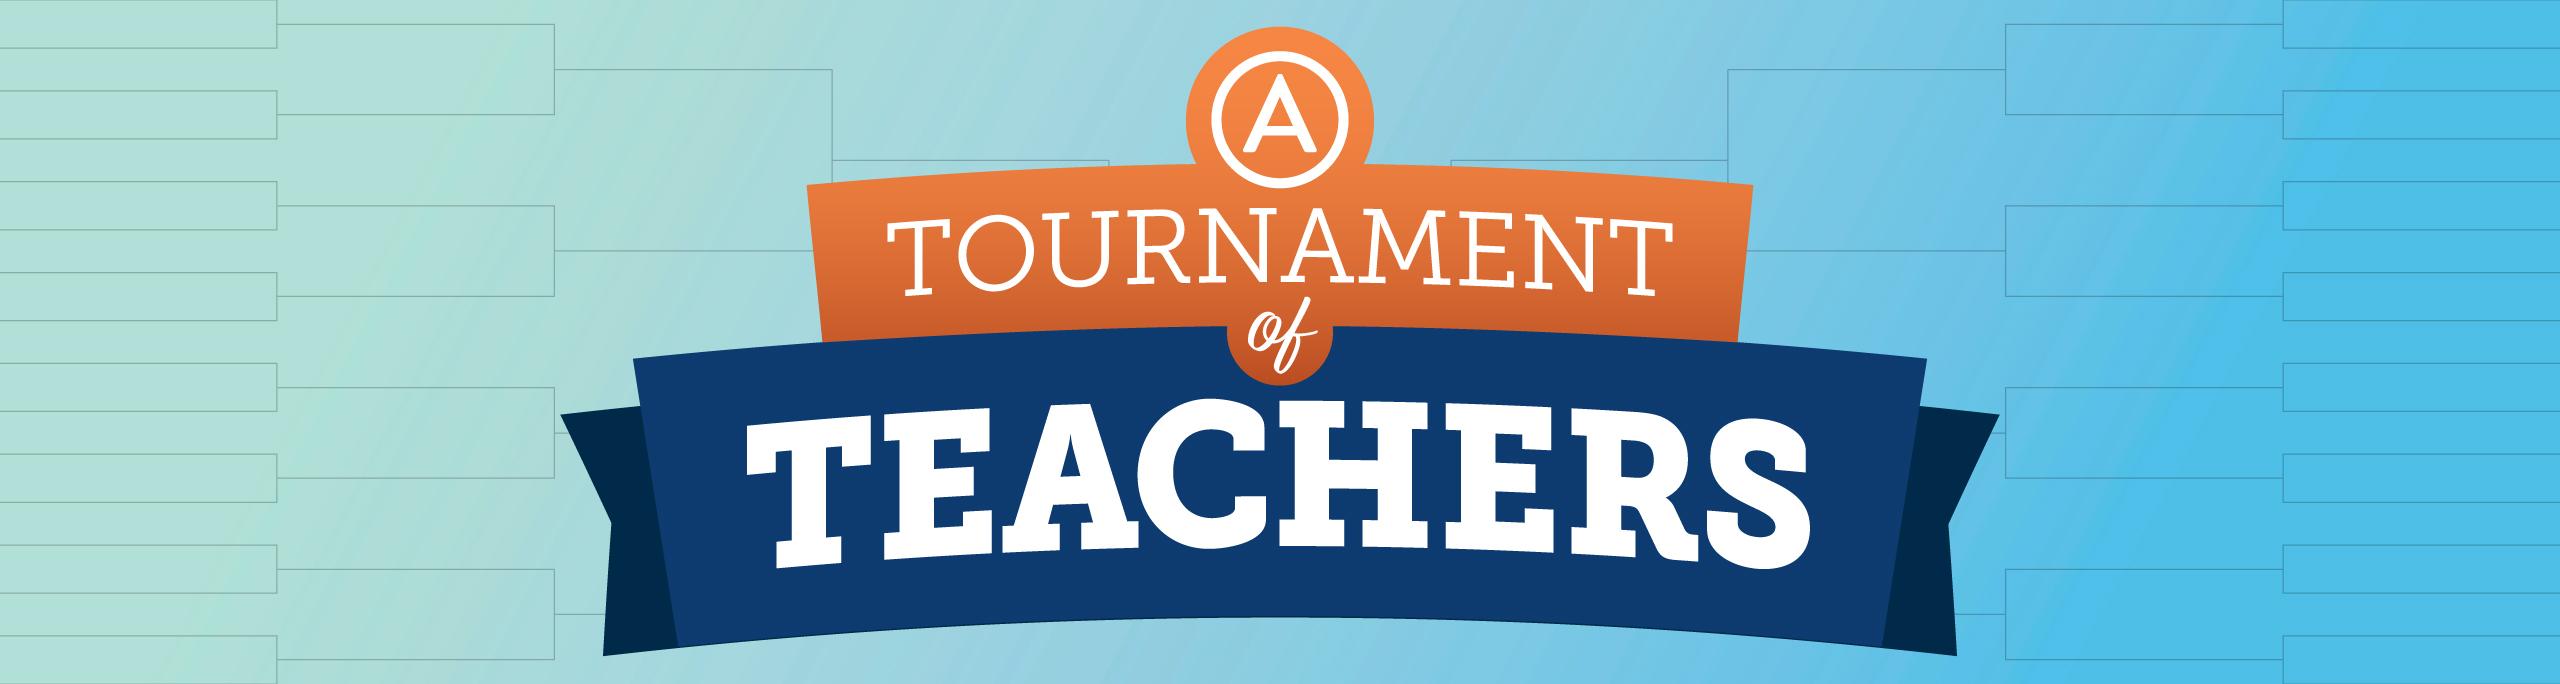 Advancement Courses' Tournament of Teachers